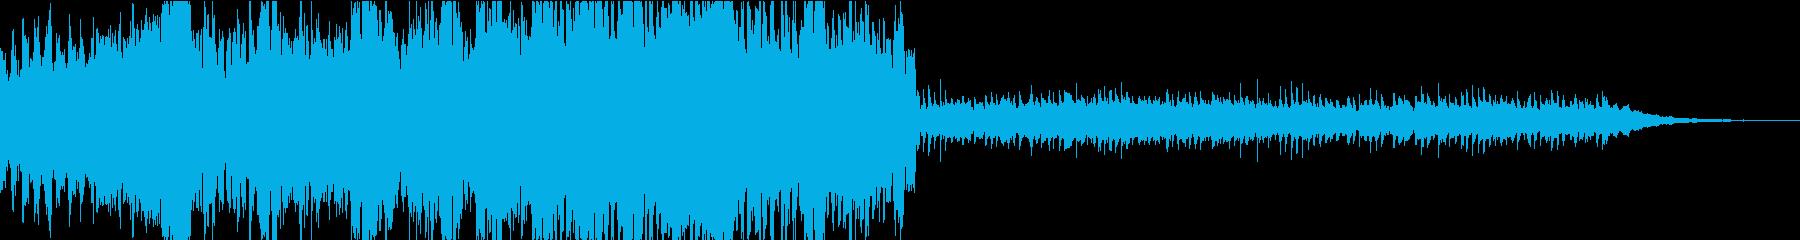 インテリミステリアスなクール謎解きテクノの再生済みの波形